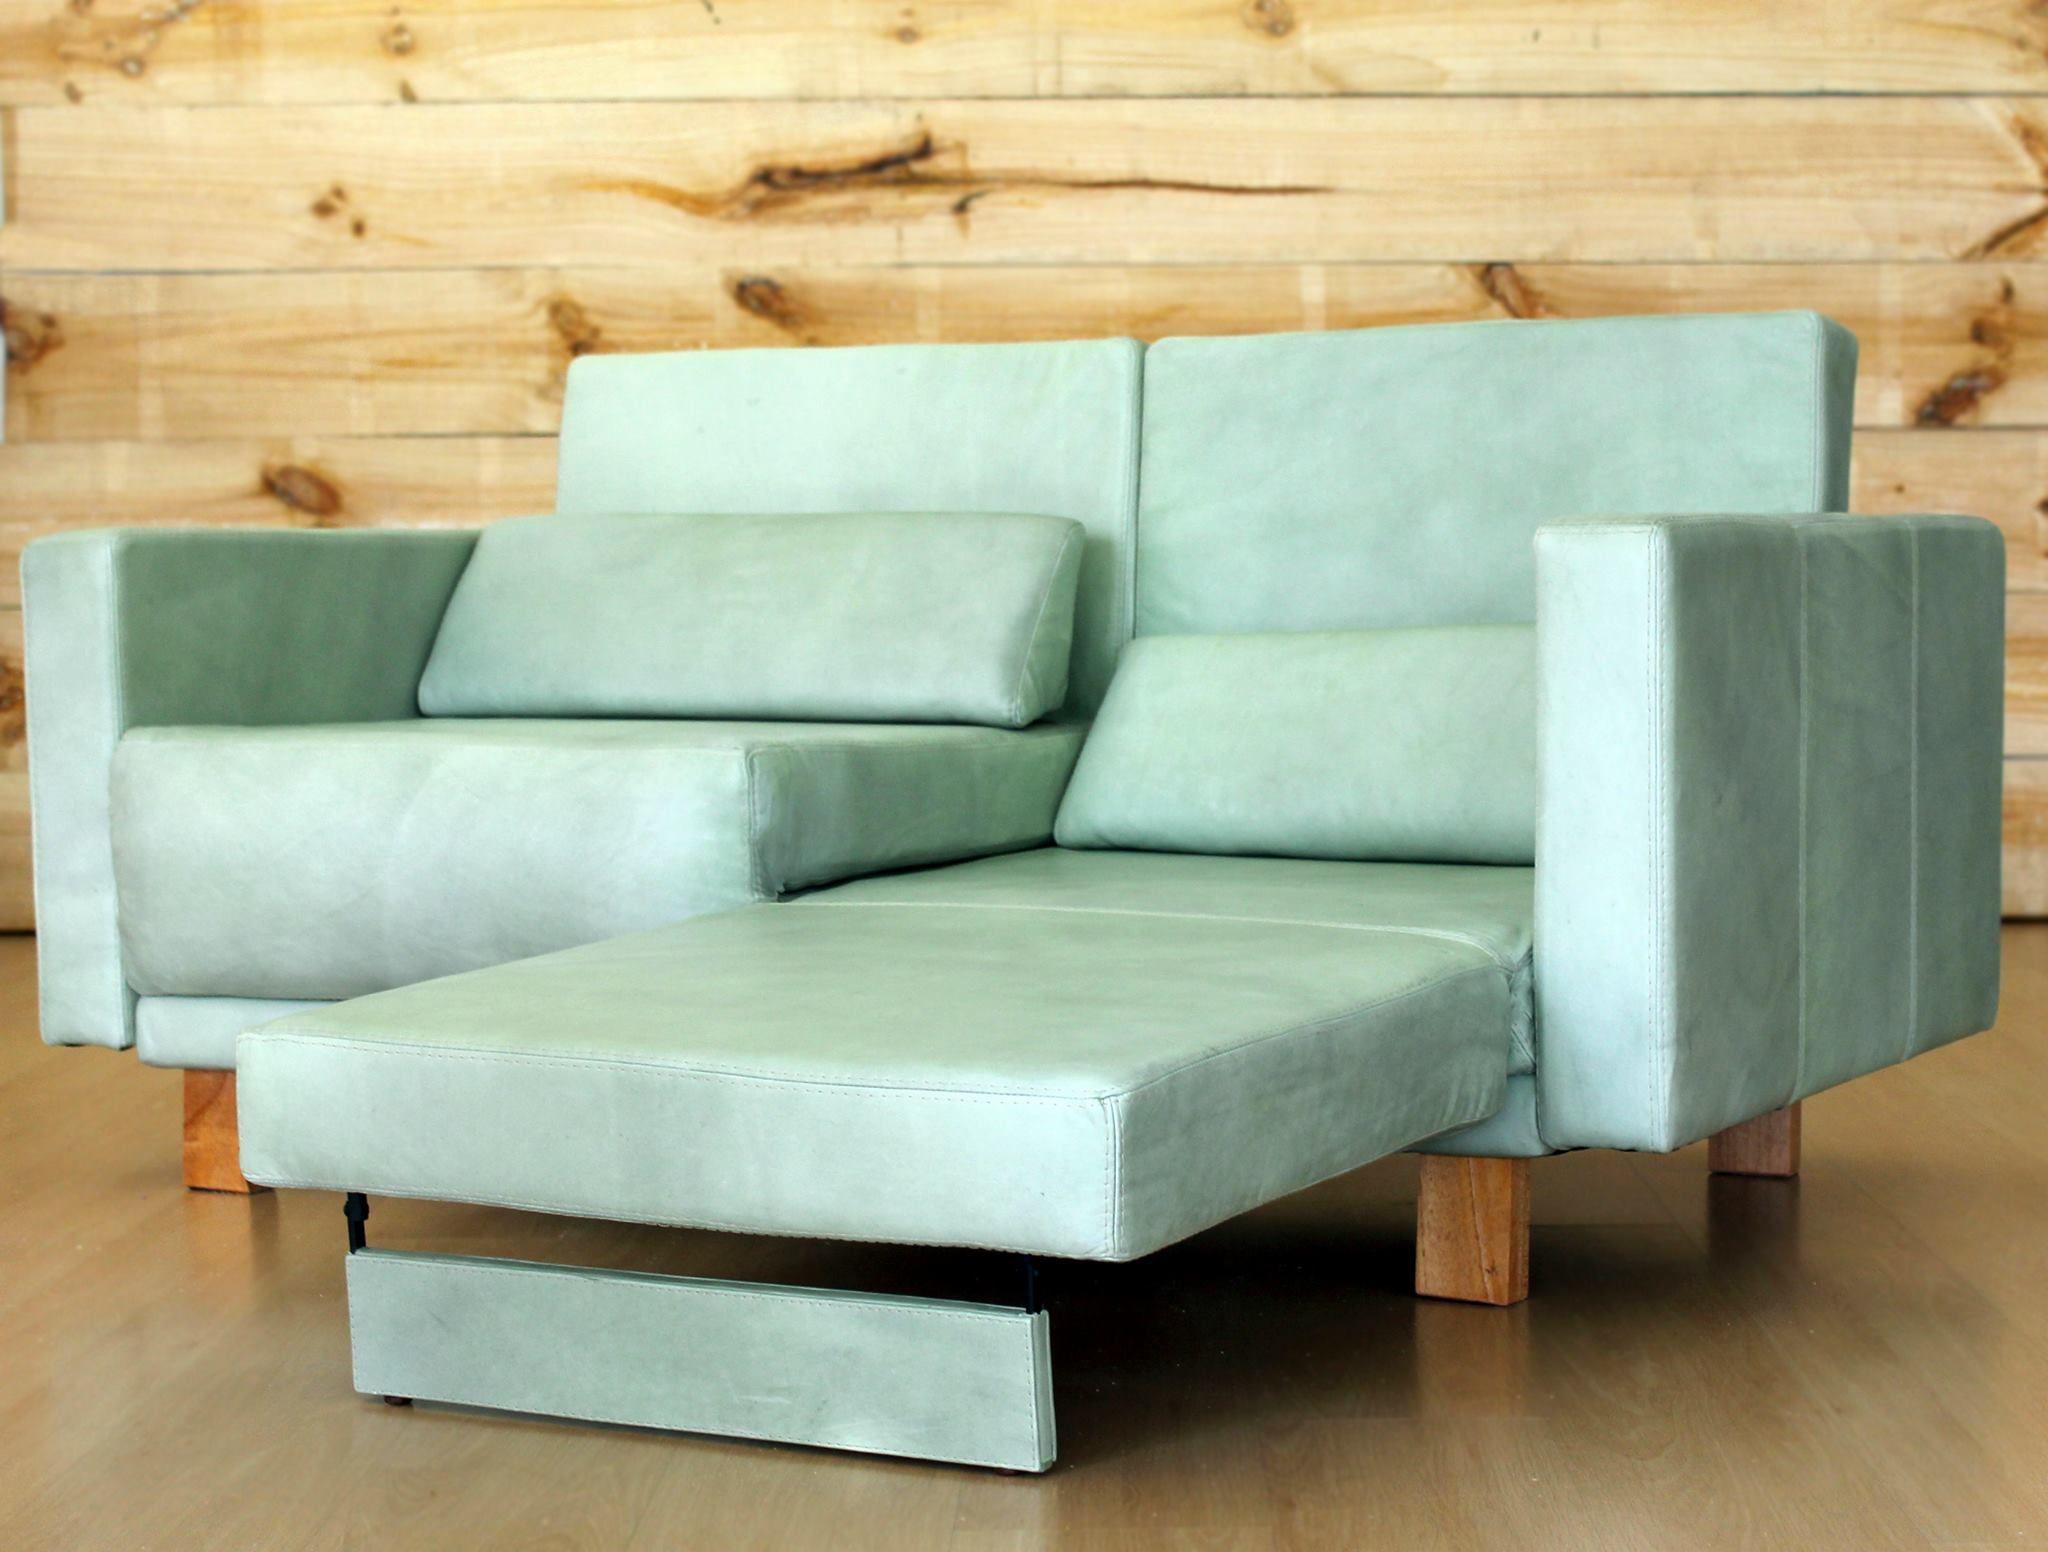 Sofa Cama Verde Menta   Mobiliario y decoracion   Pinterest   Sofás ...